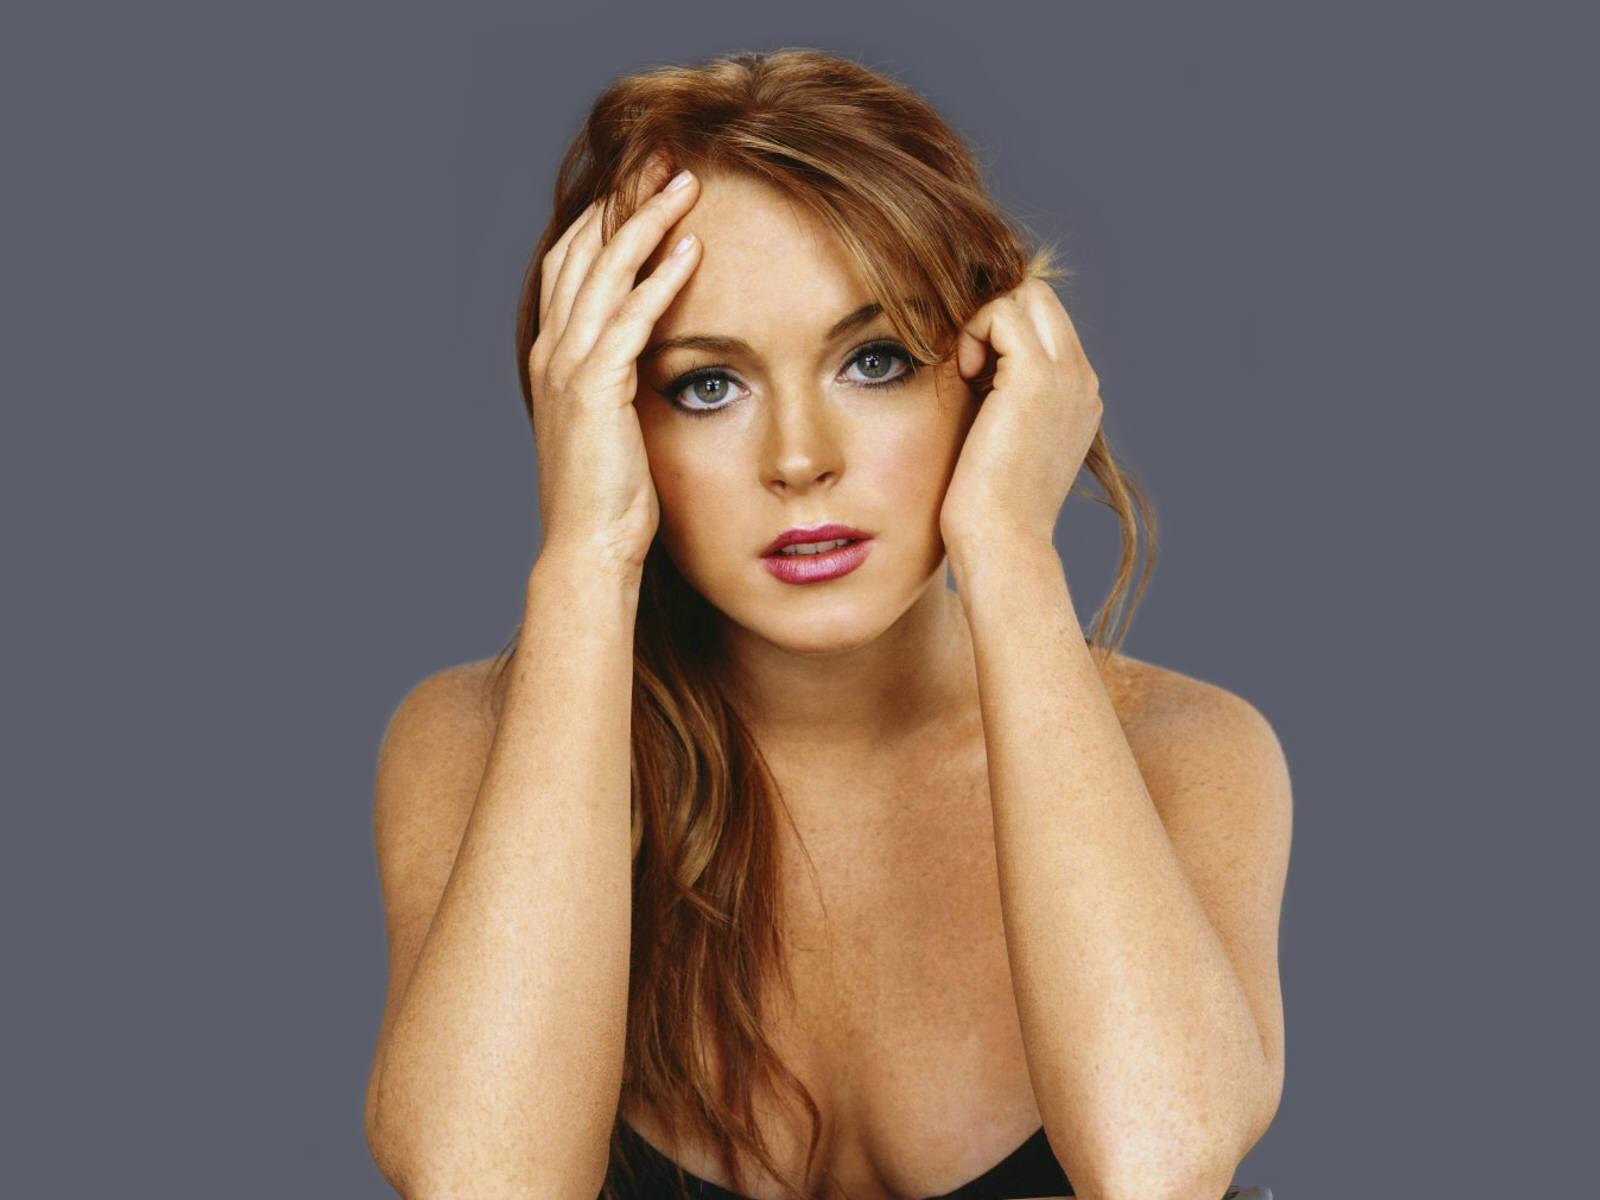 Lindsay Lohan non watermarked wallpapers at fullwalls..com